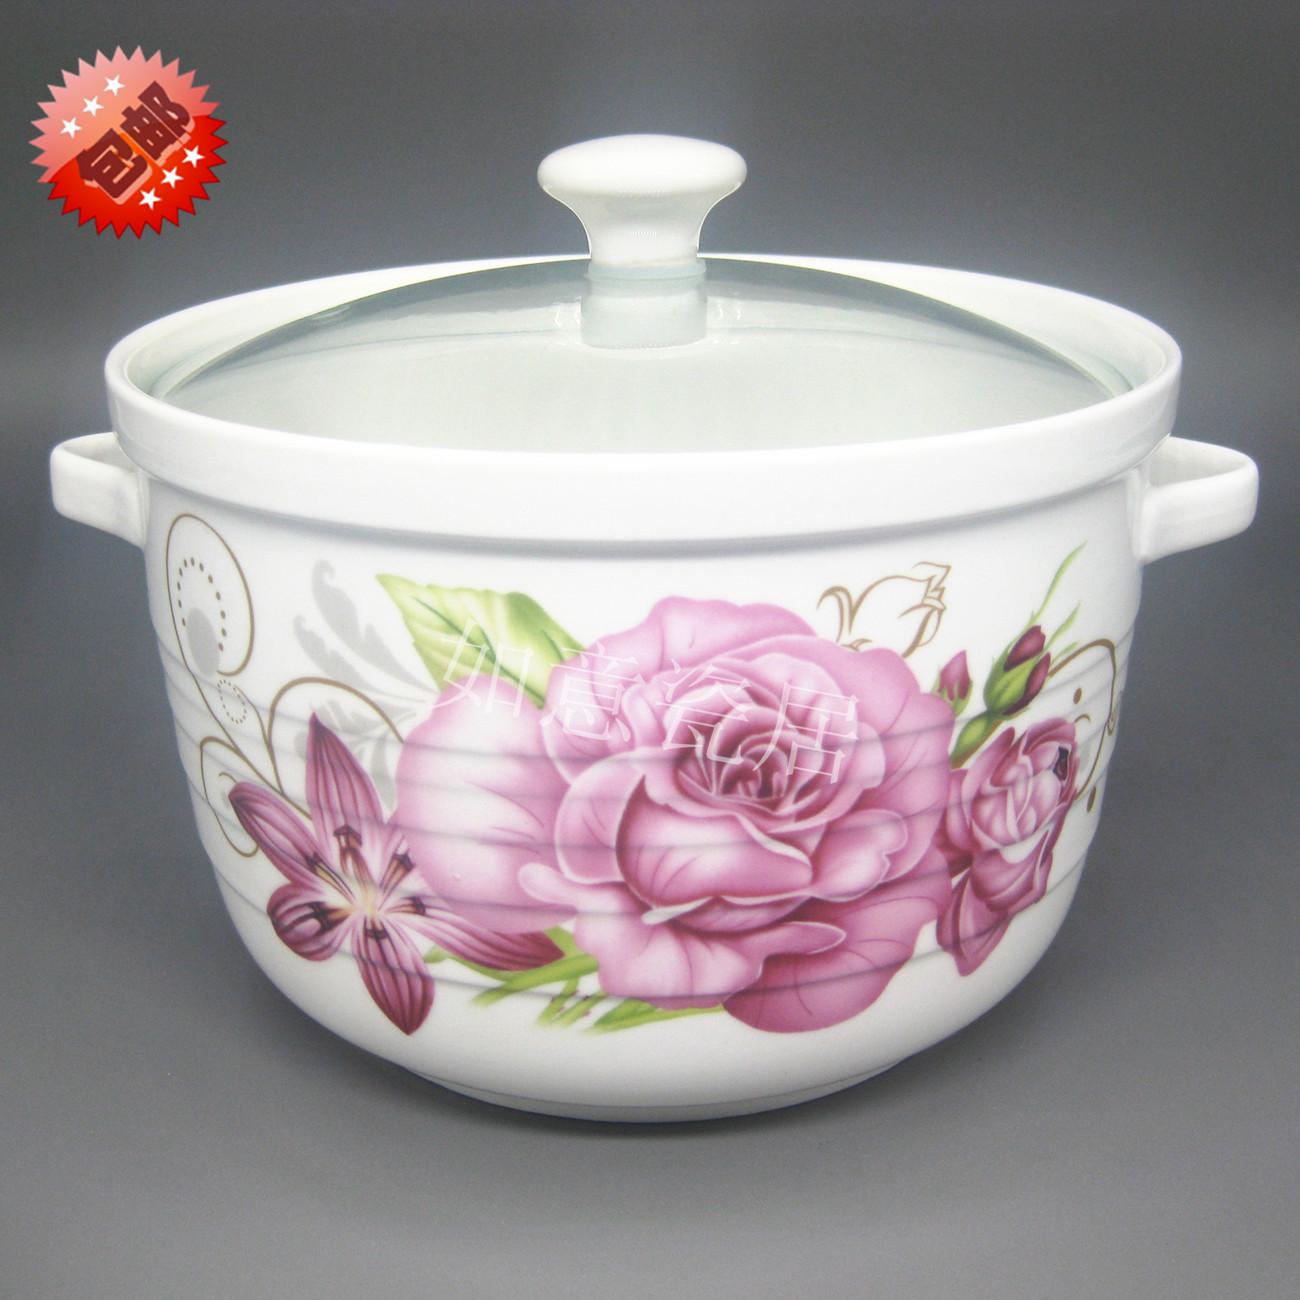 特大号陶瓷保鲜碗 双耳带盖大汤碗面碗粥碗 陶瓷保鲜盒饭盒储物罐